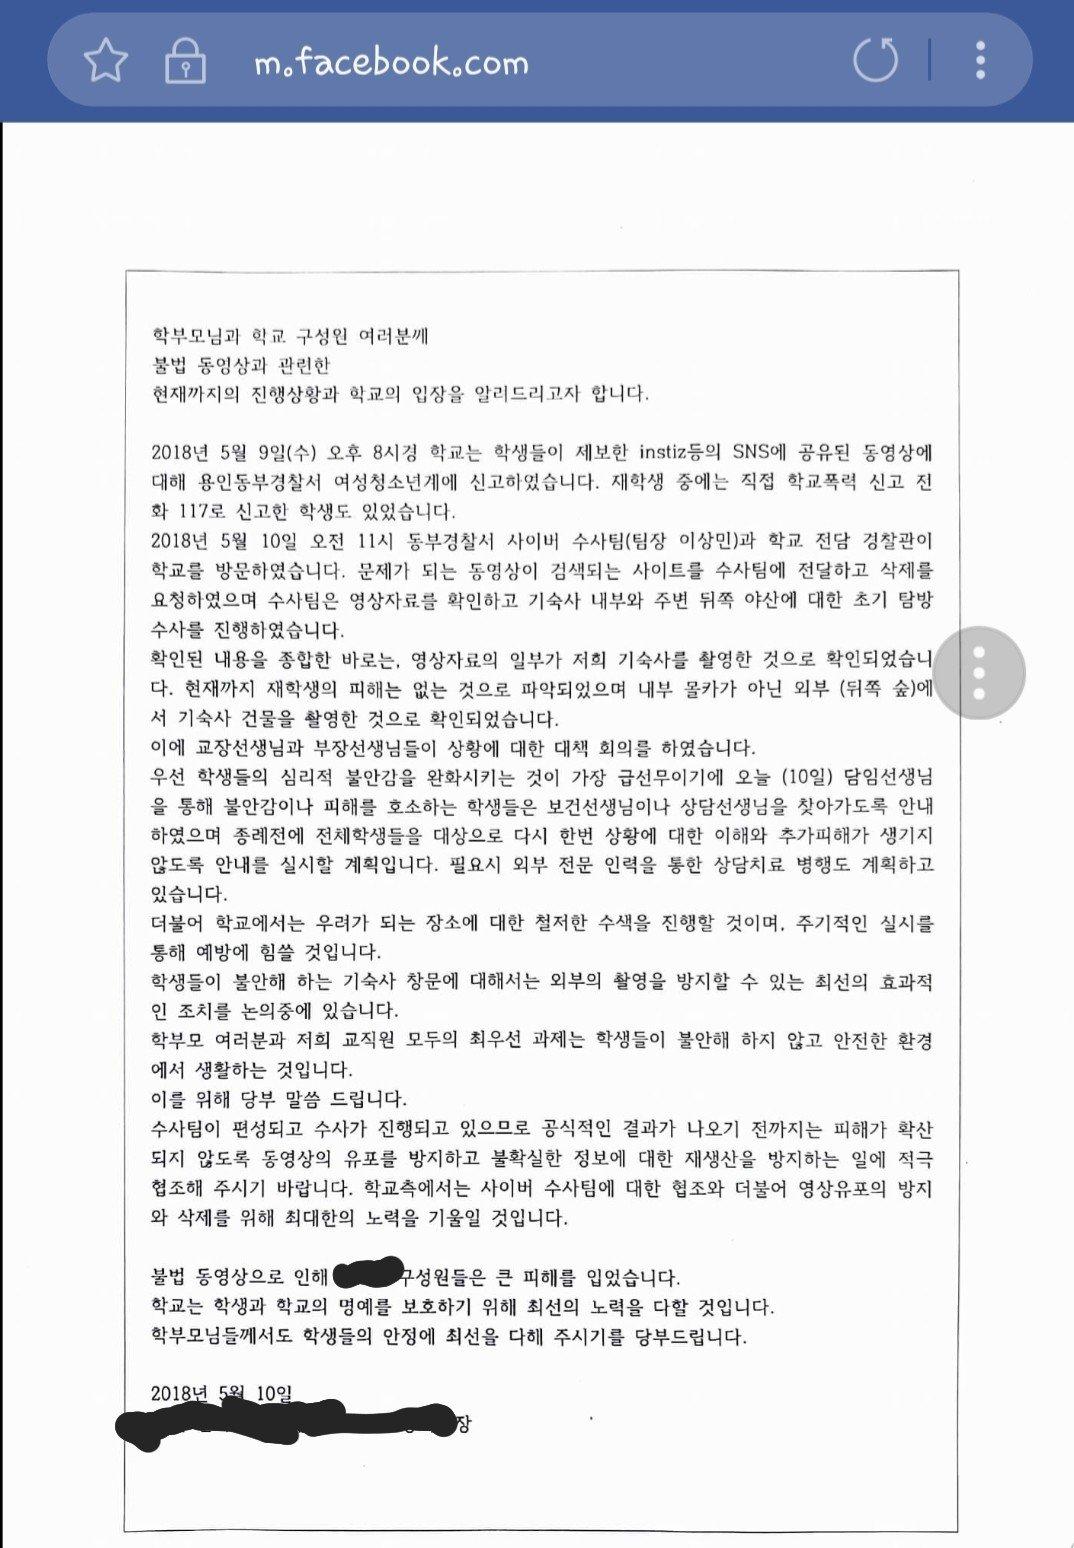 12.jpg 고등학교 여자 기숙사 몰카 (여고 기숙사) 사건 학교 공문